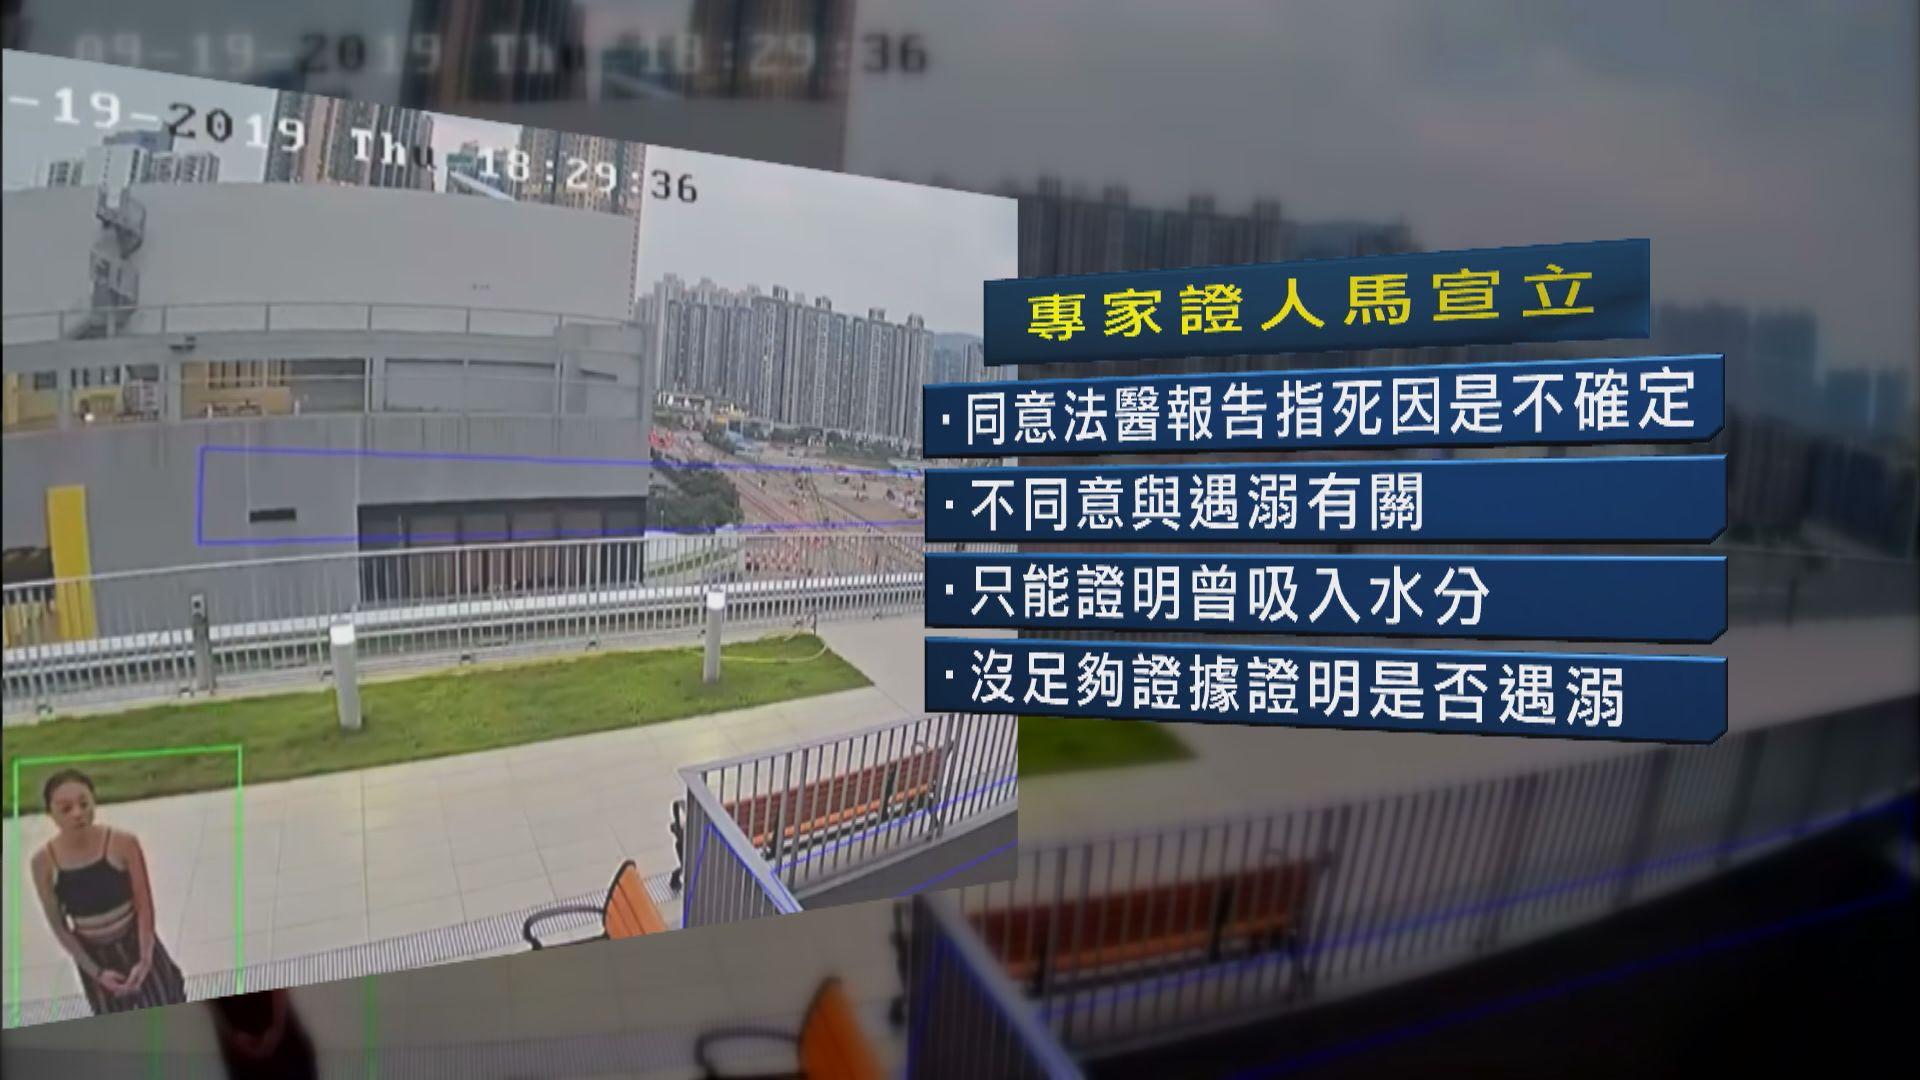 法醫報告指陳彥霖可能是遇溺 資深法醫馬宣立指不認同